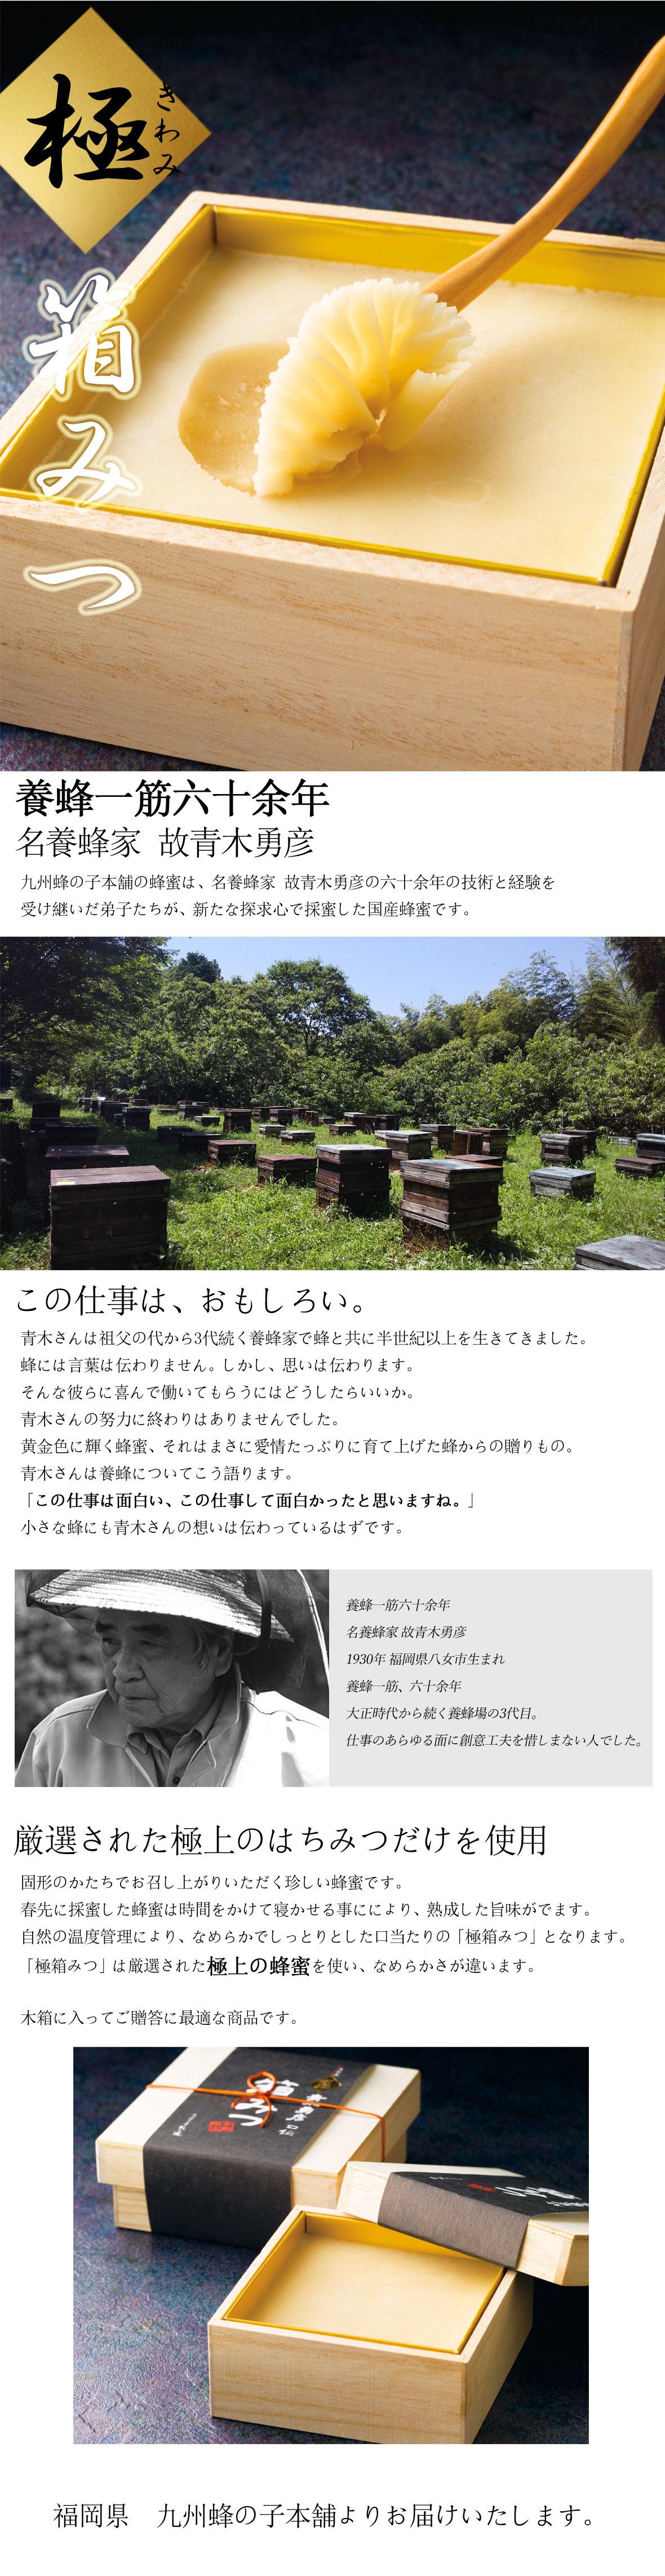 LP_おすすめ_極箱みつ